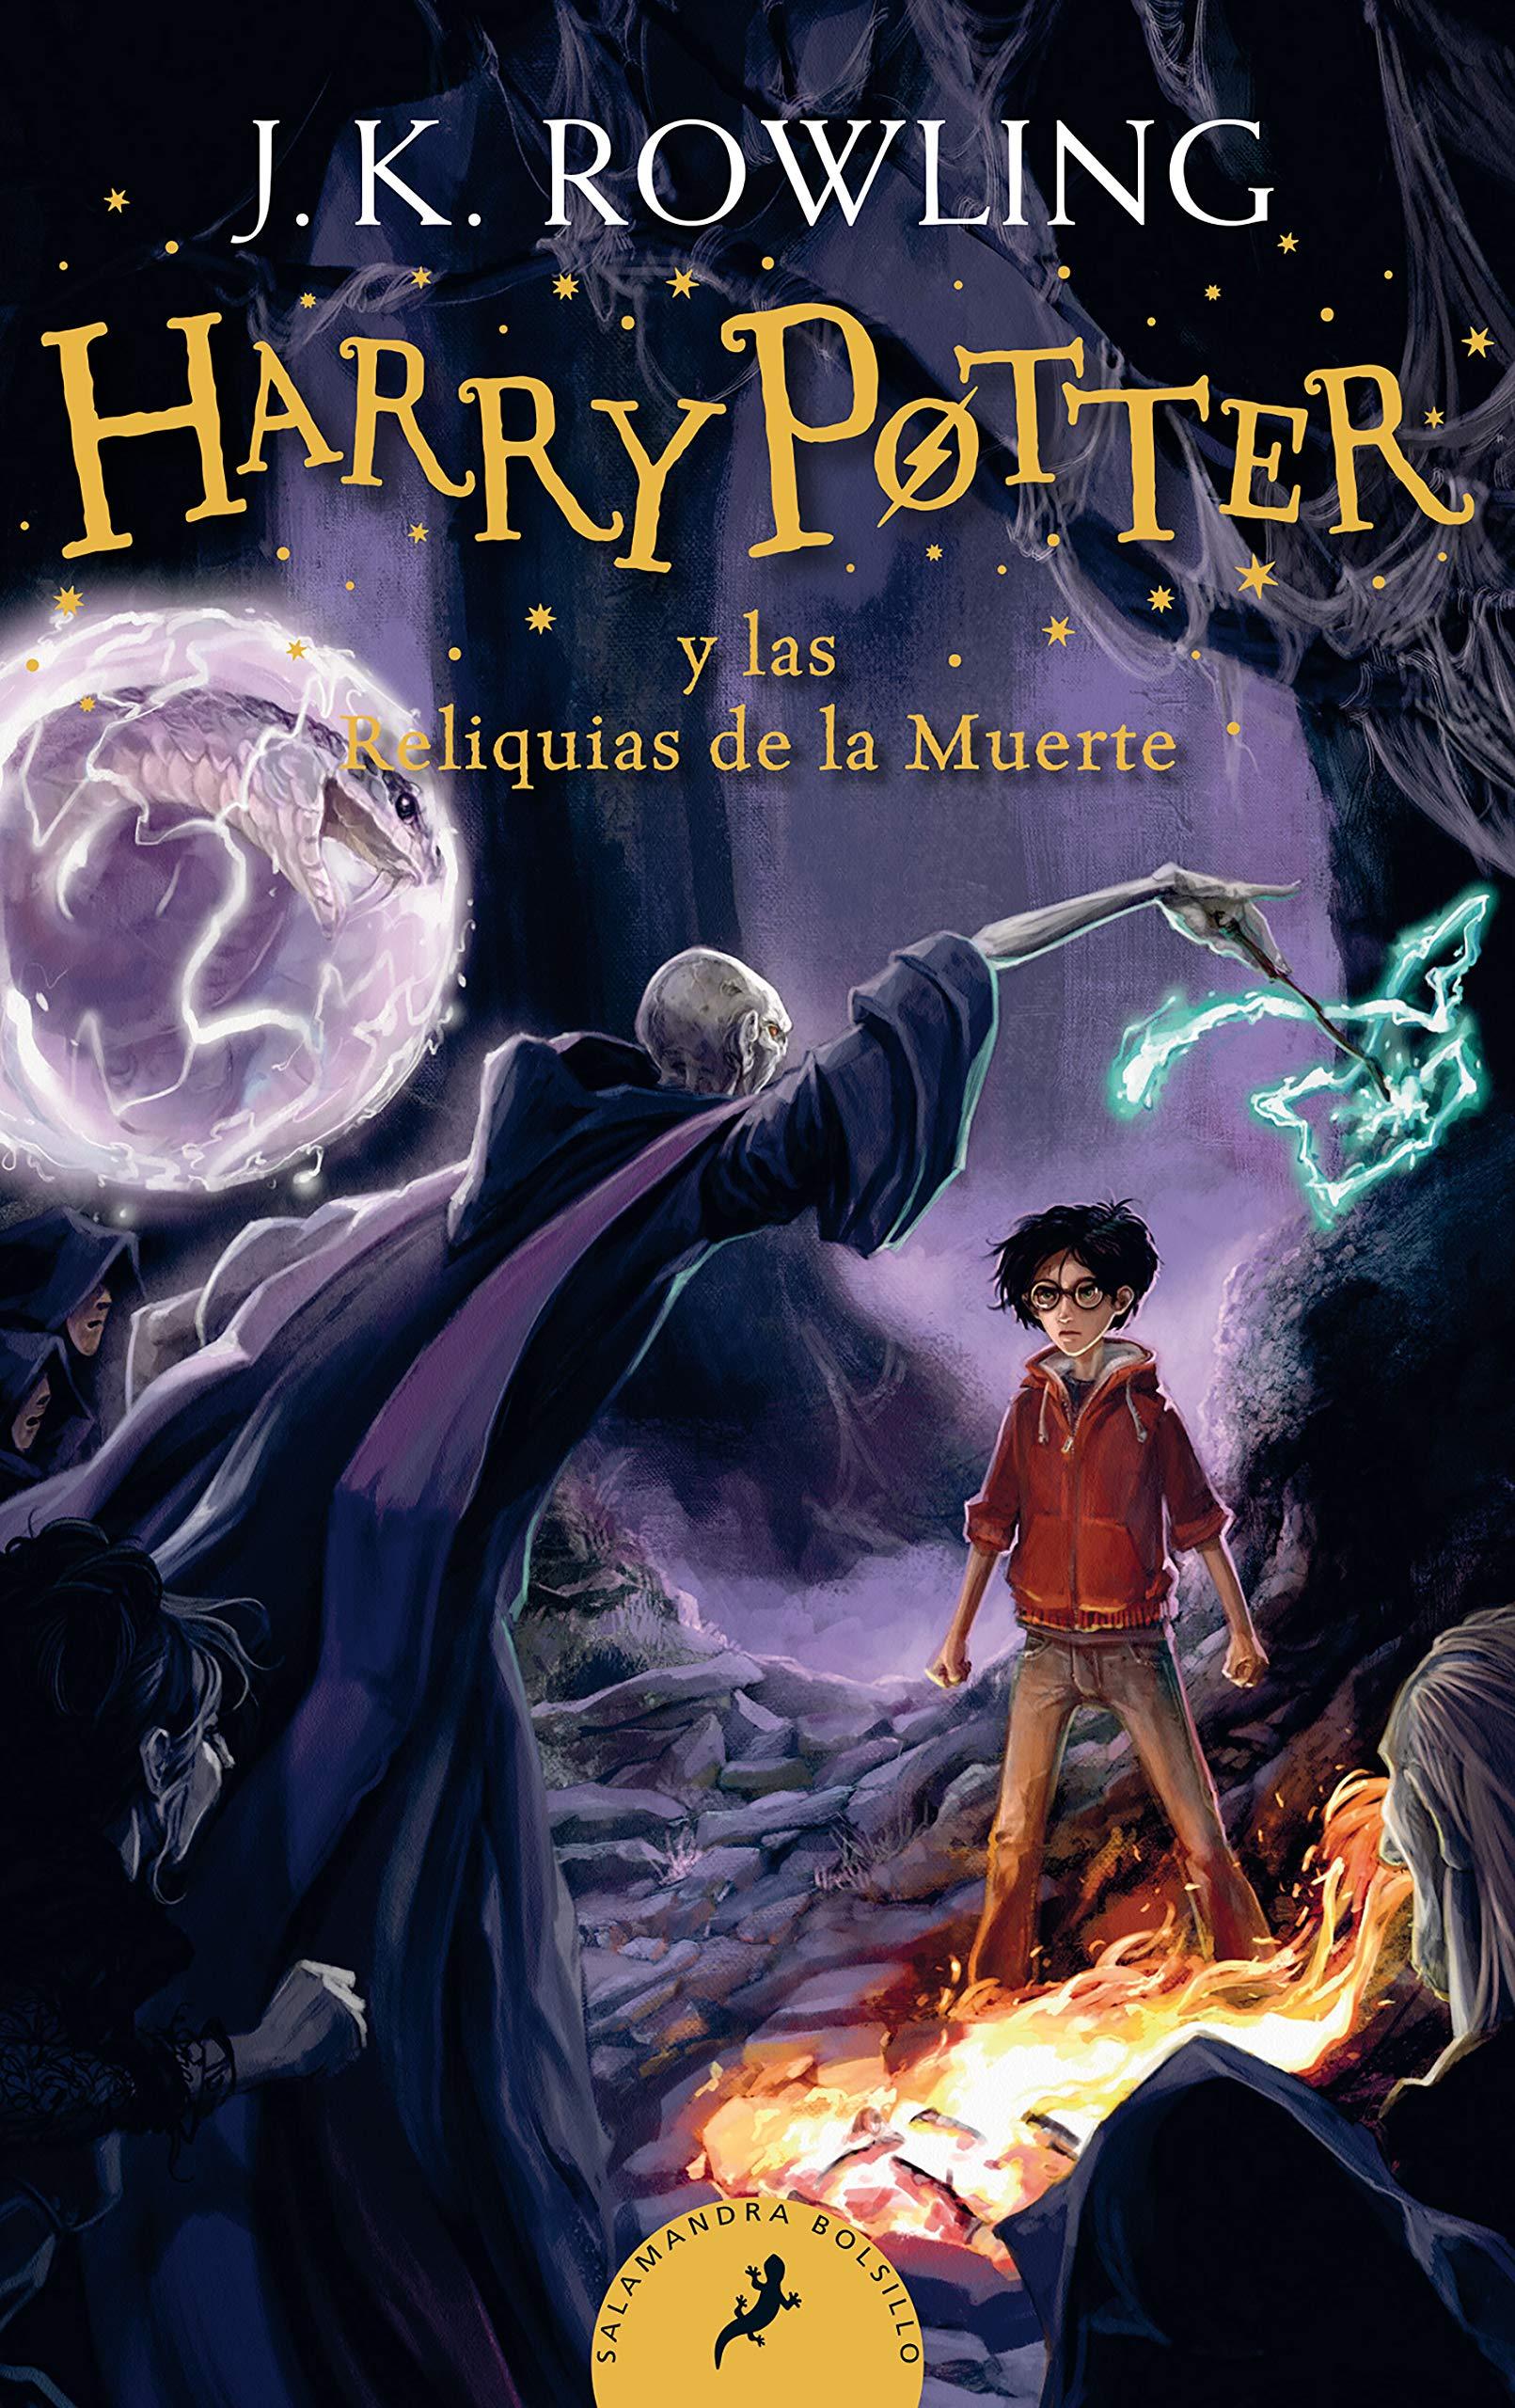 Harry Potter Y Las Reliquias De La Muerte Harry Potter And The Deathly Hallows Spanish Edition Rowling J K 9781644732137 Books